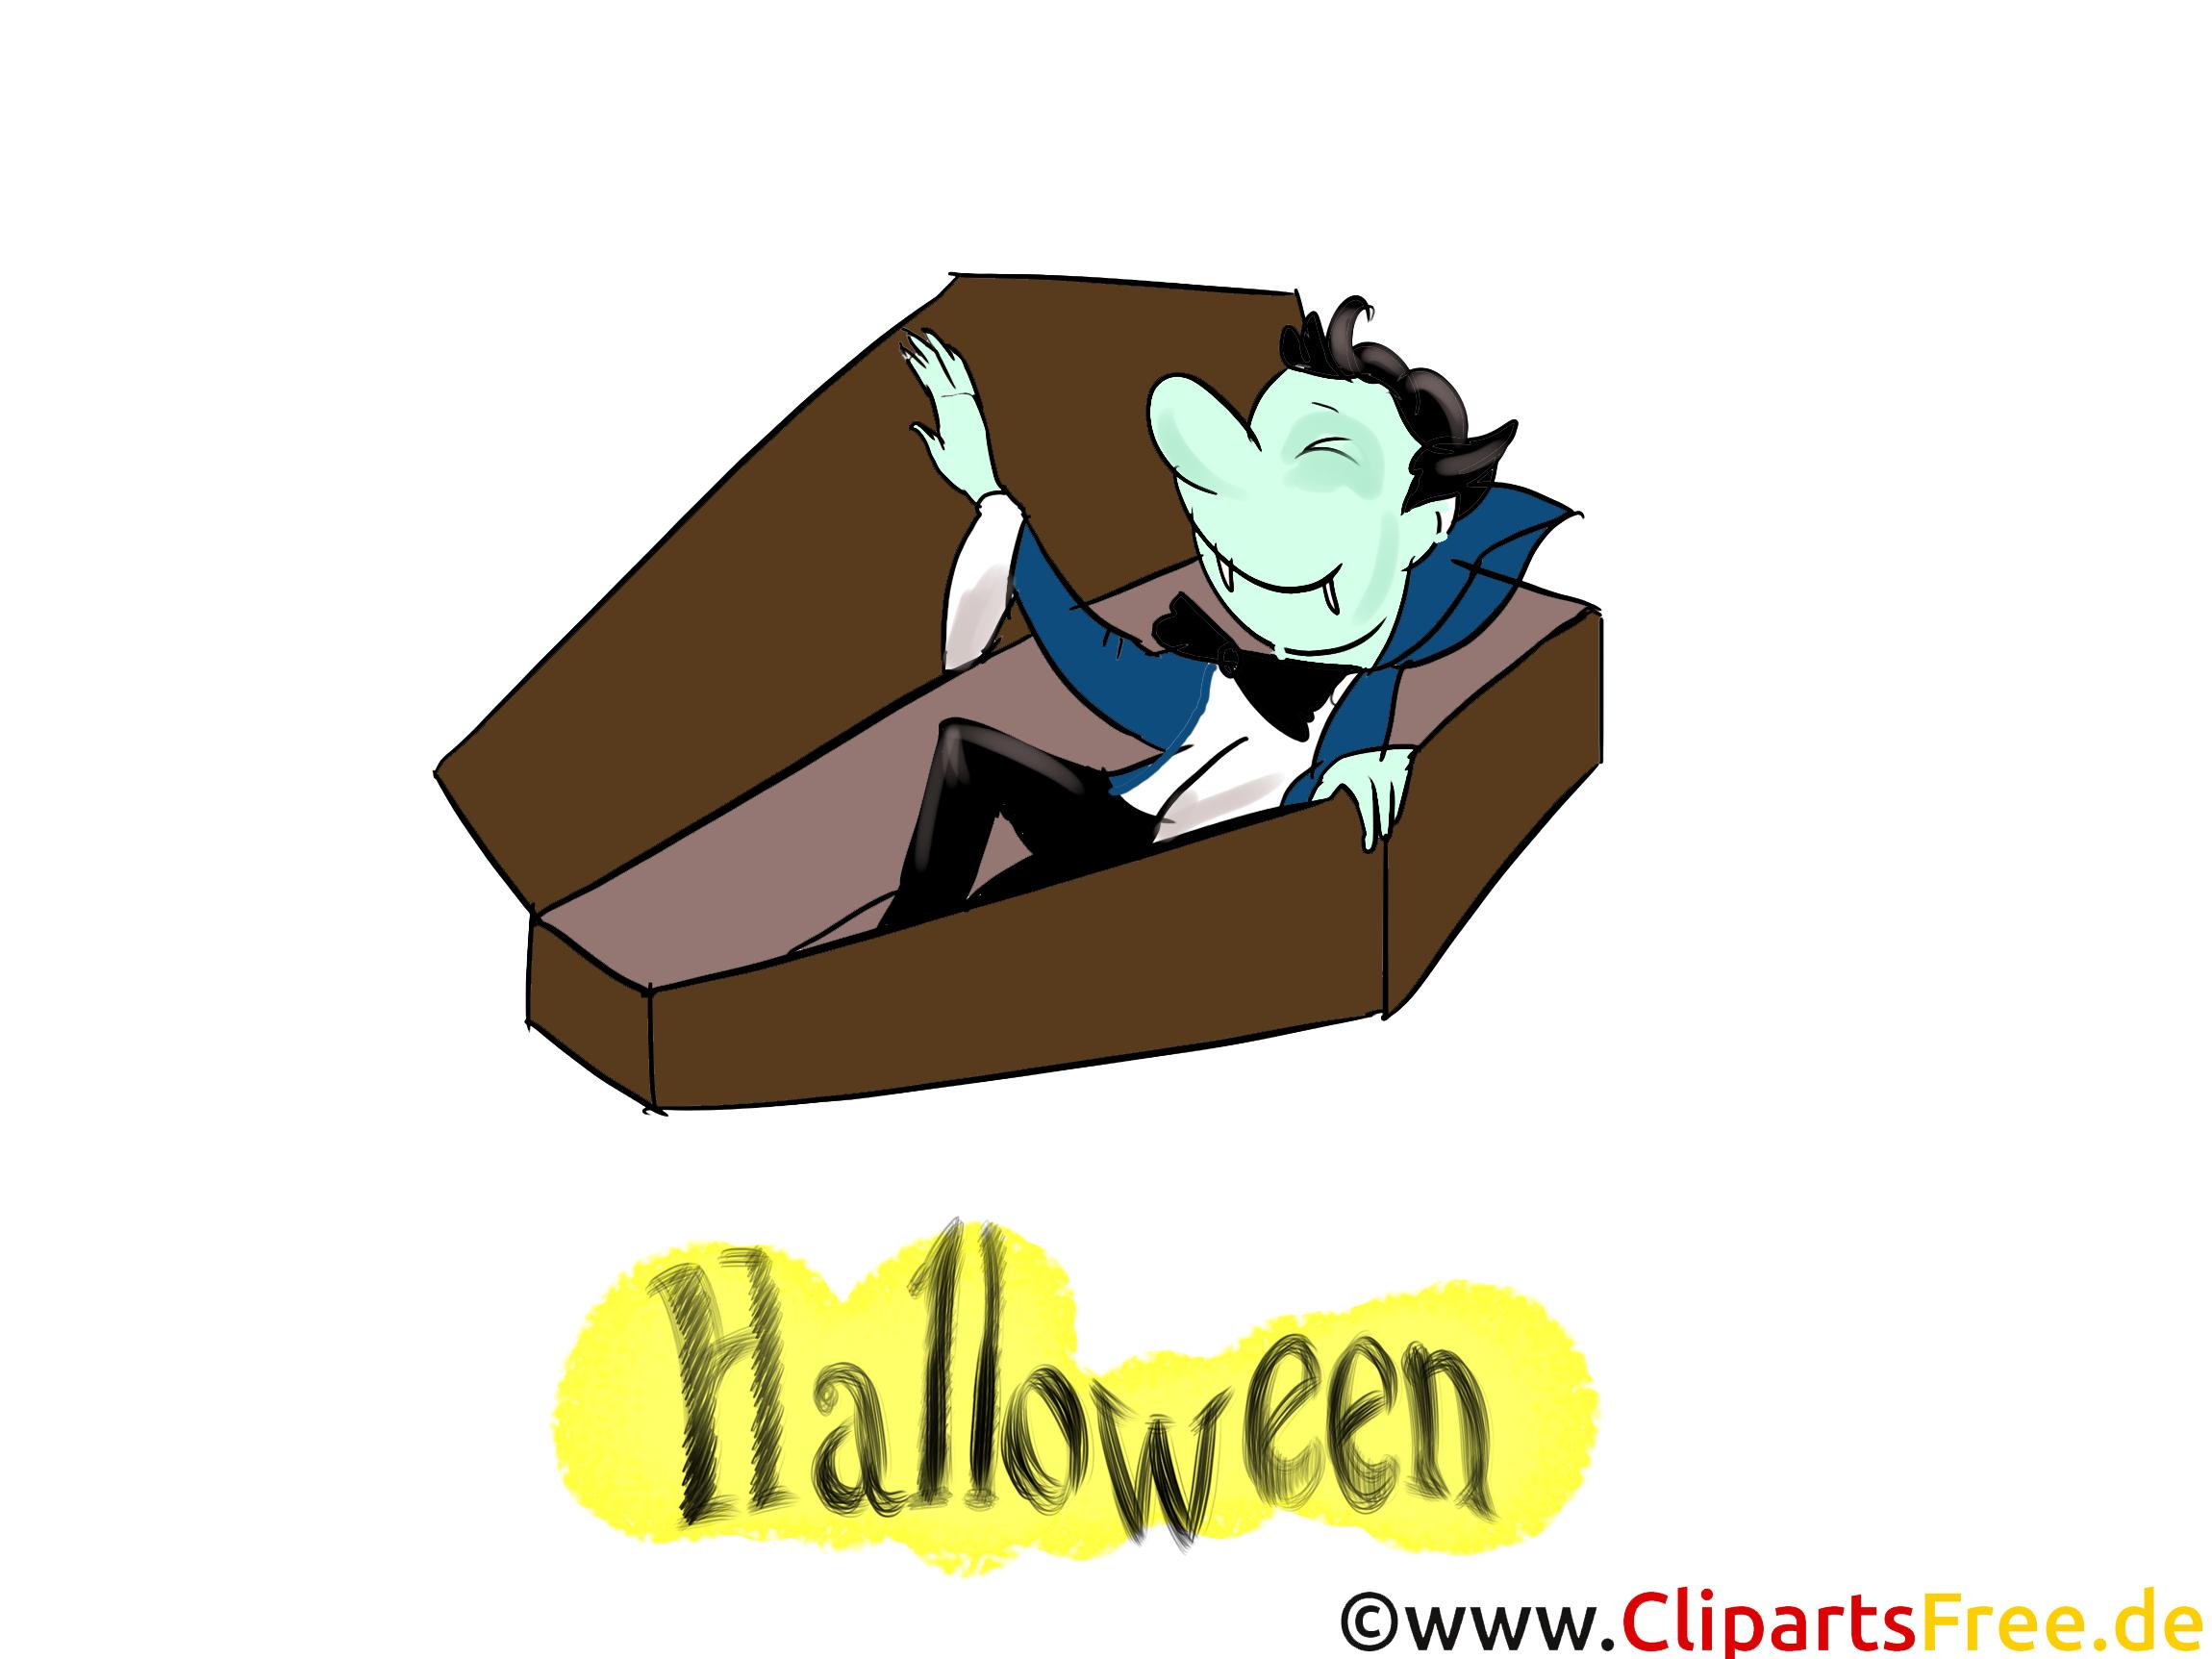 Vampir Bilder, Grusskarten, Vorlagen für Einladungen zu Halloween